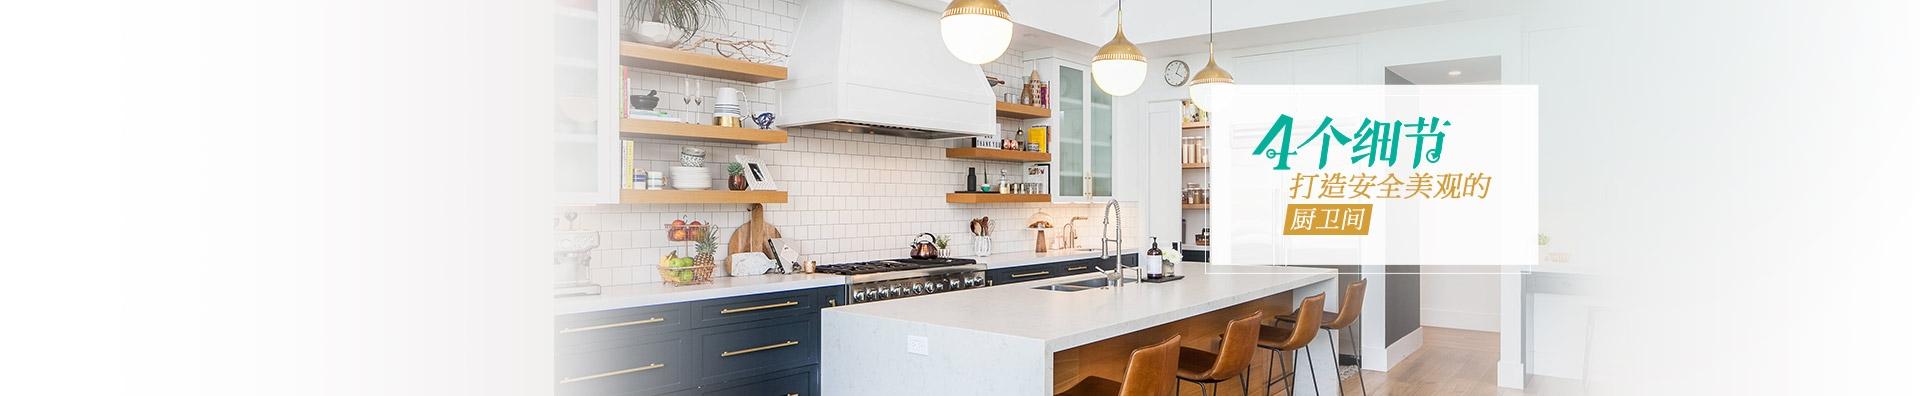 如何打造安全美观的厨卫间?